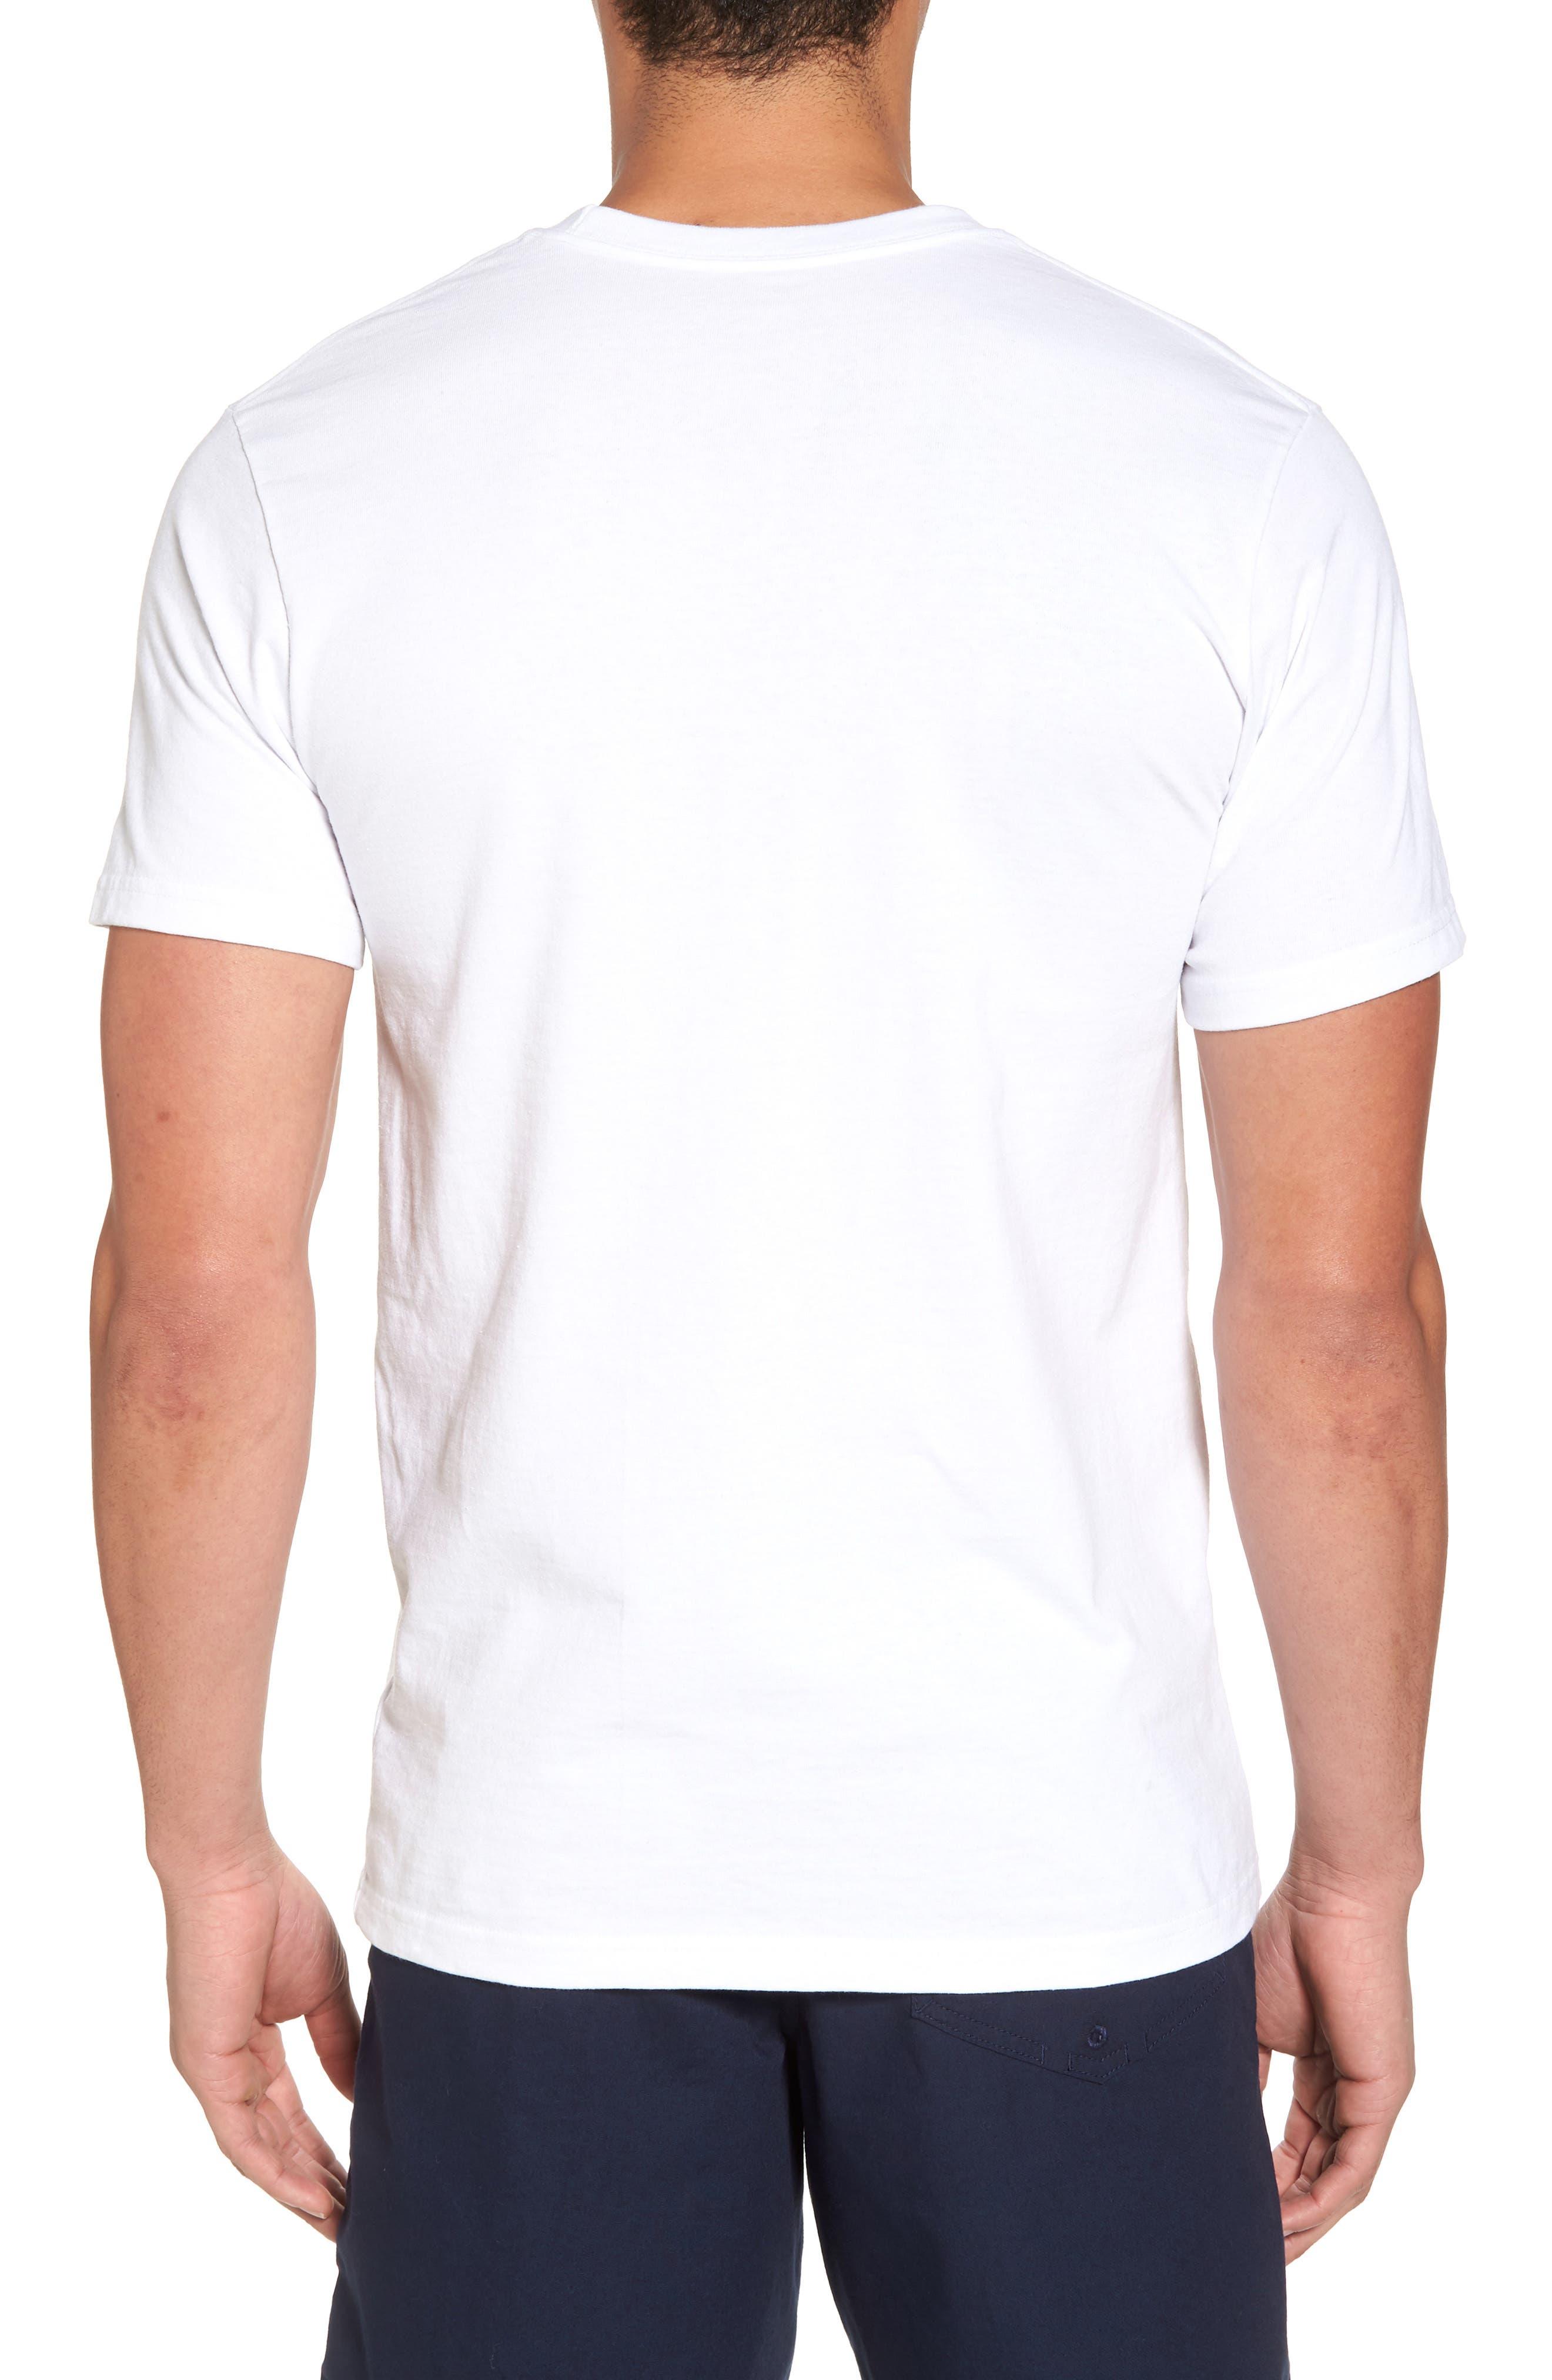 Glacier Born Responsibili-Tee T-Shirt,                             Alternate thumbnail 2, color,                             100